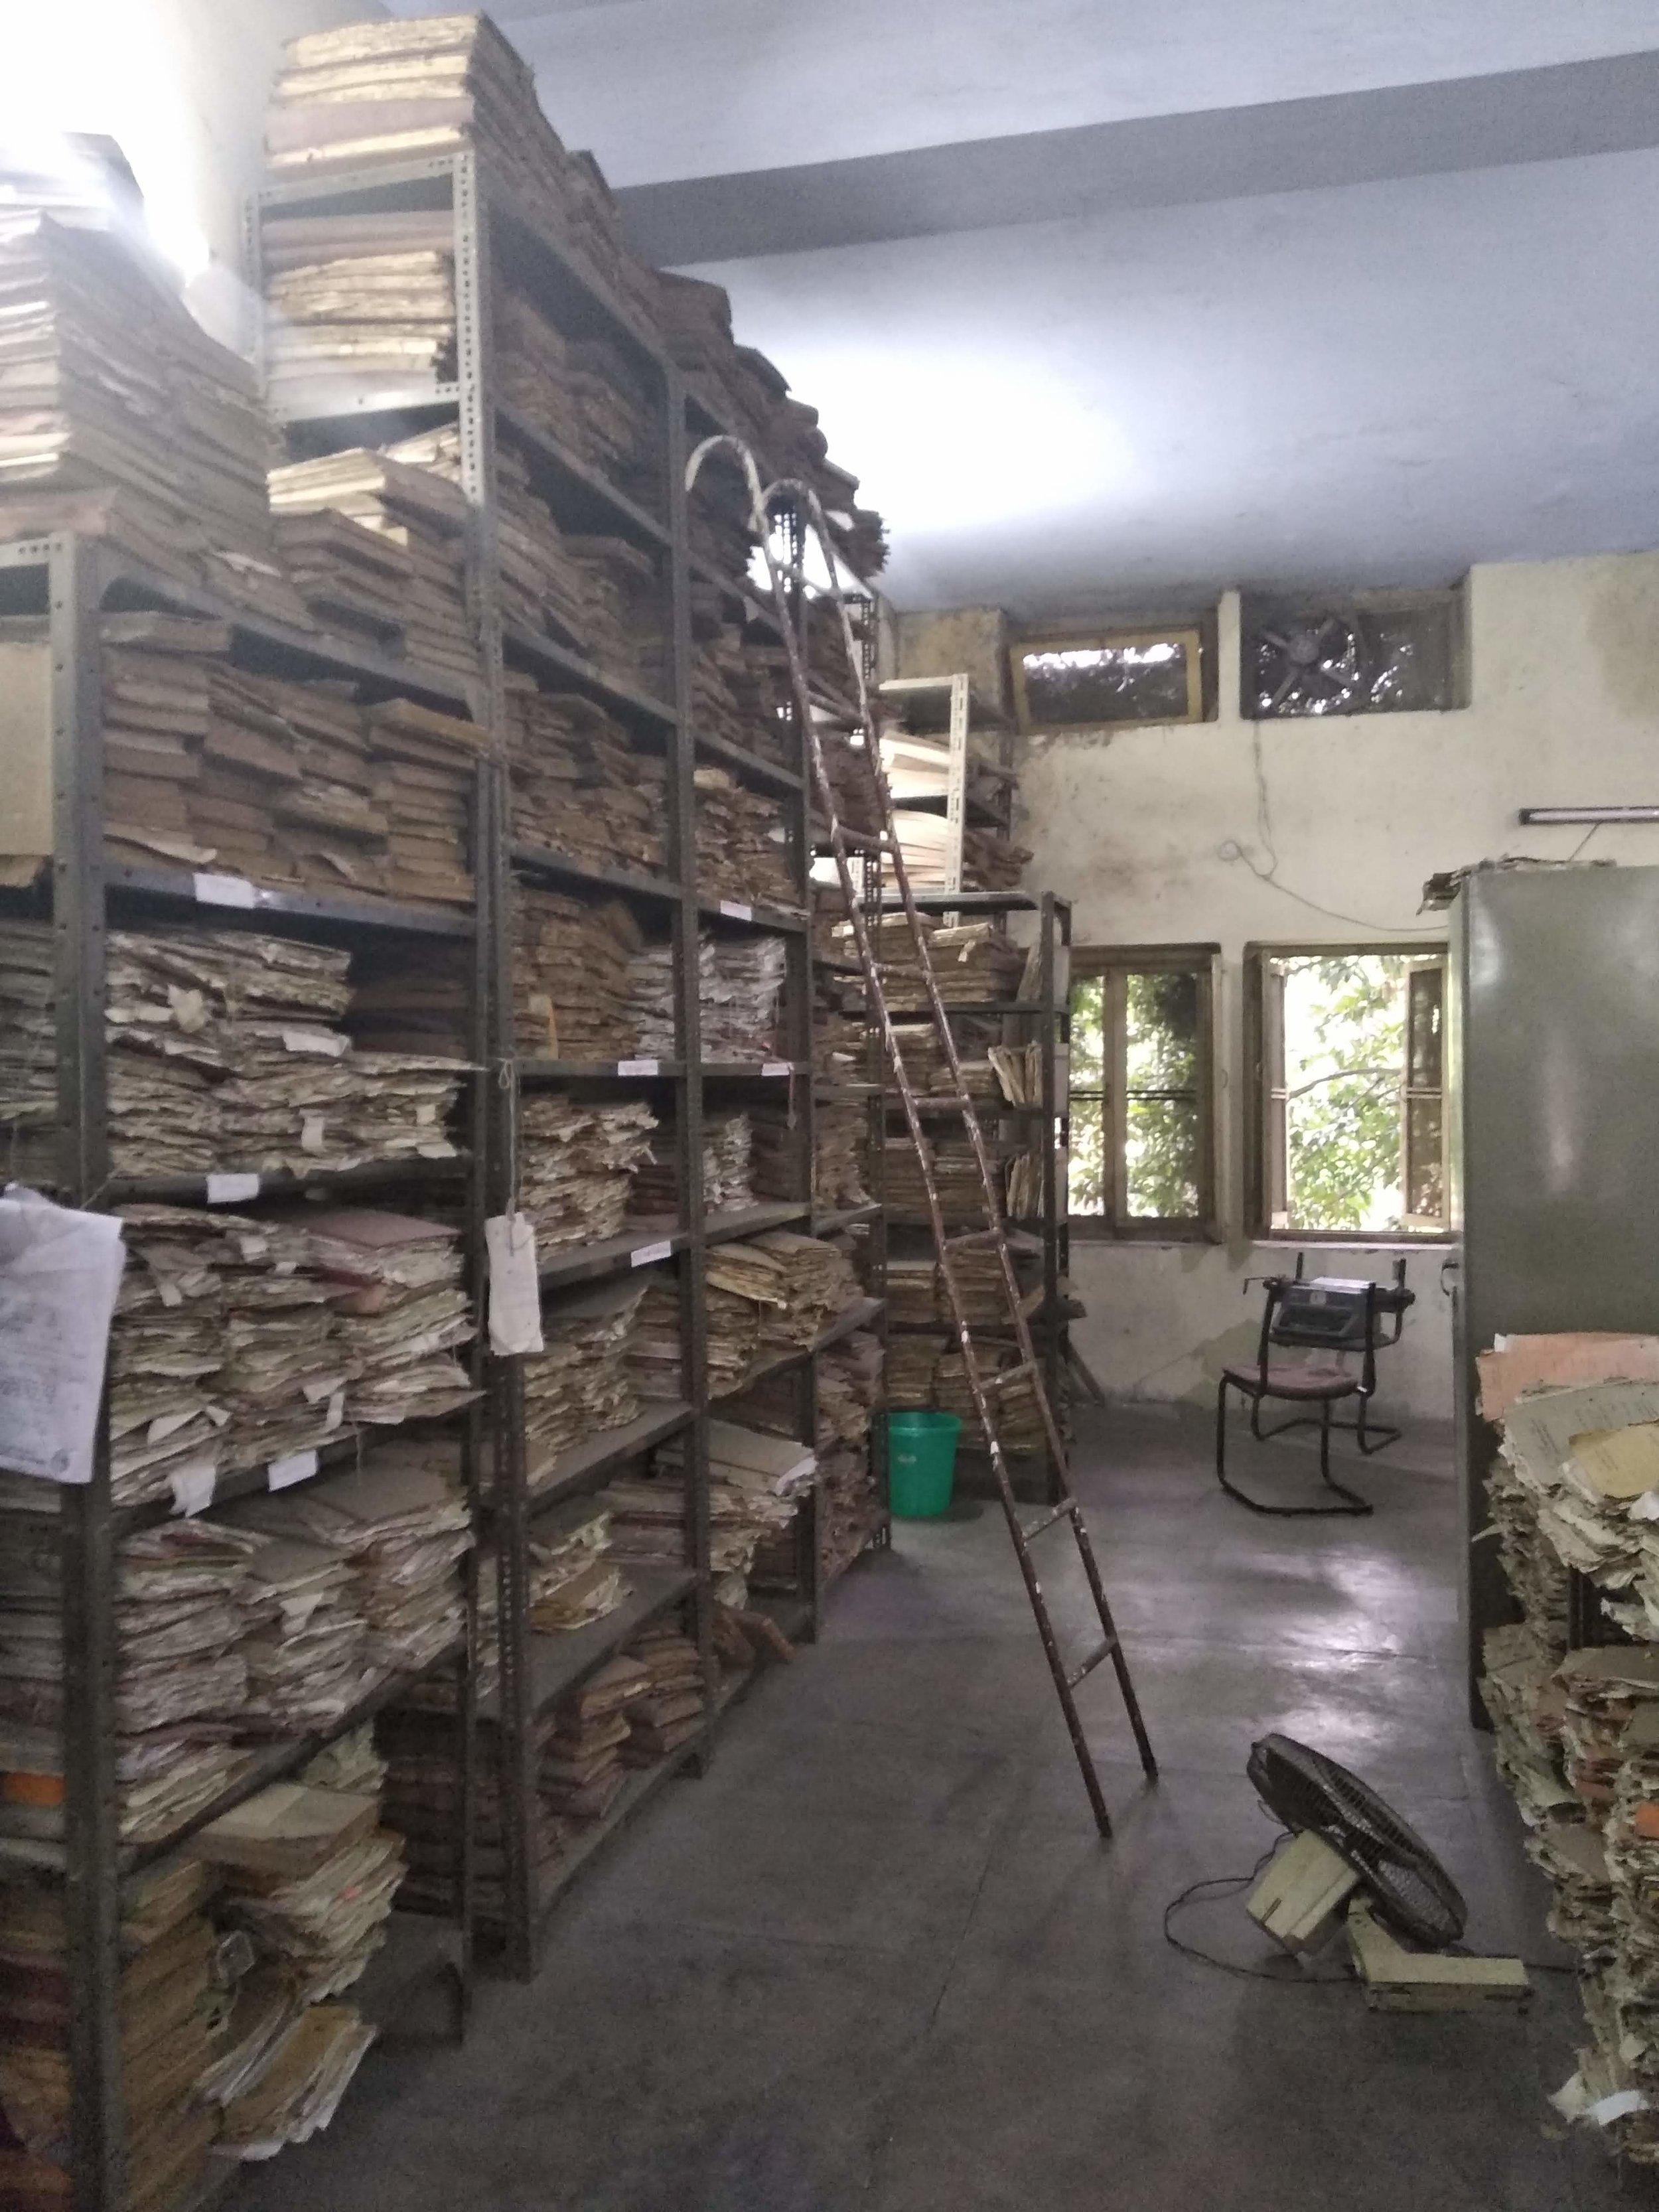 Jalandhar archives. Photo: Srilata Sircar